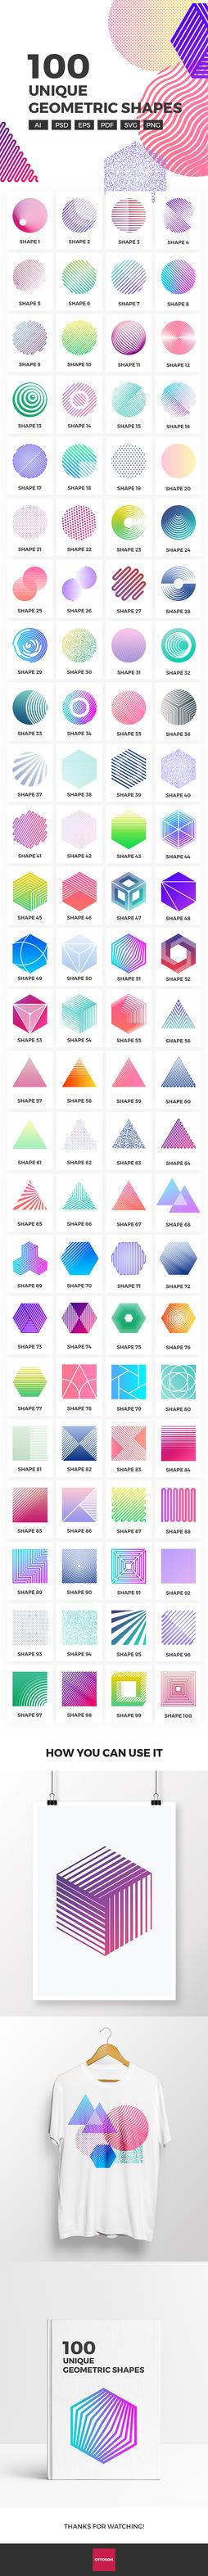 100 Unique Geometric Shapes by ottoson